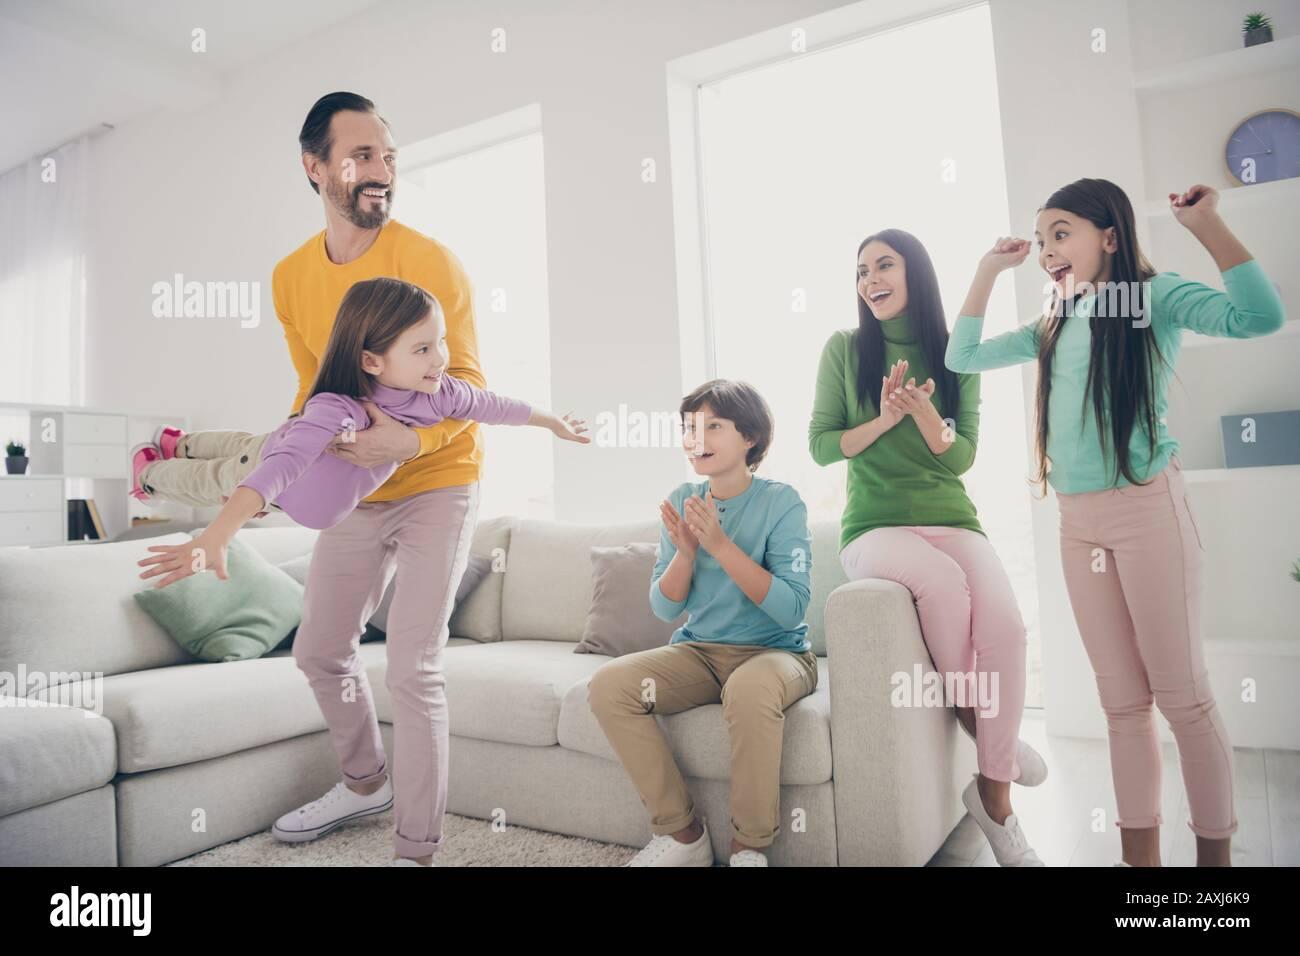 Comodidad armonía acogedora gente loca familia pasar tiempo papá papá lleva niño adoptado poco ella vuela las manos como mamá avión mamá niños preadolescentes palmar las manos Foto de stock